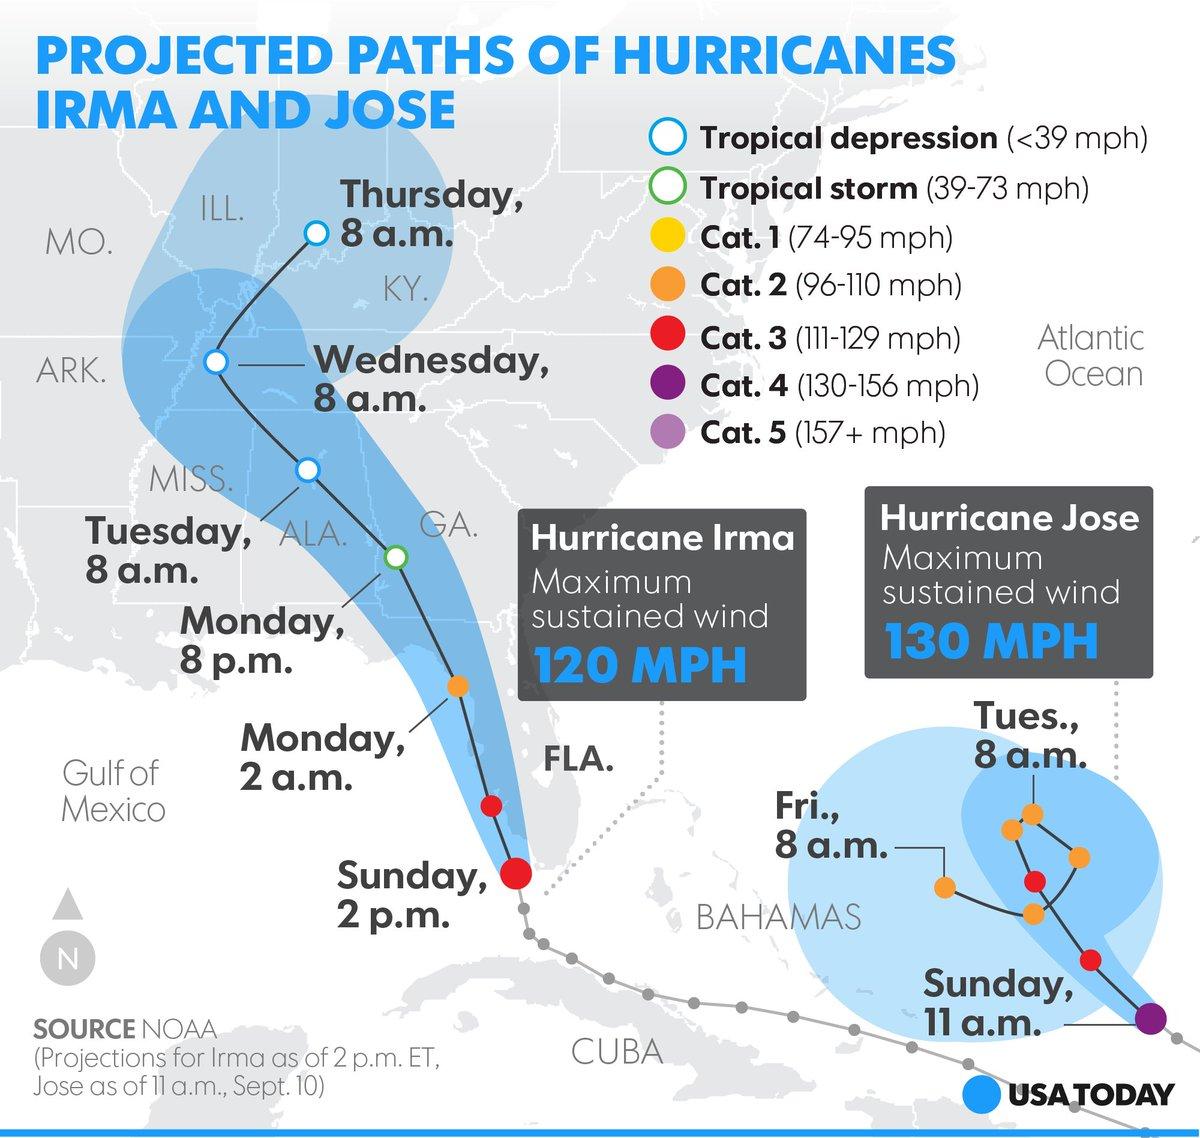 As HurricaneIrma powers through Florida, Hurricane Jose isn't too far behind.